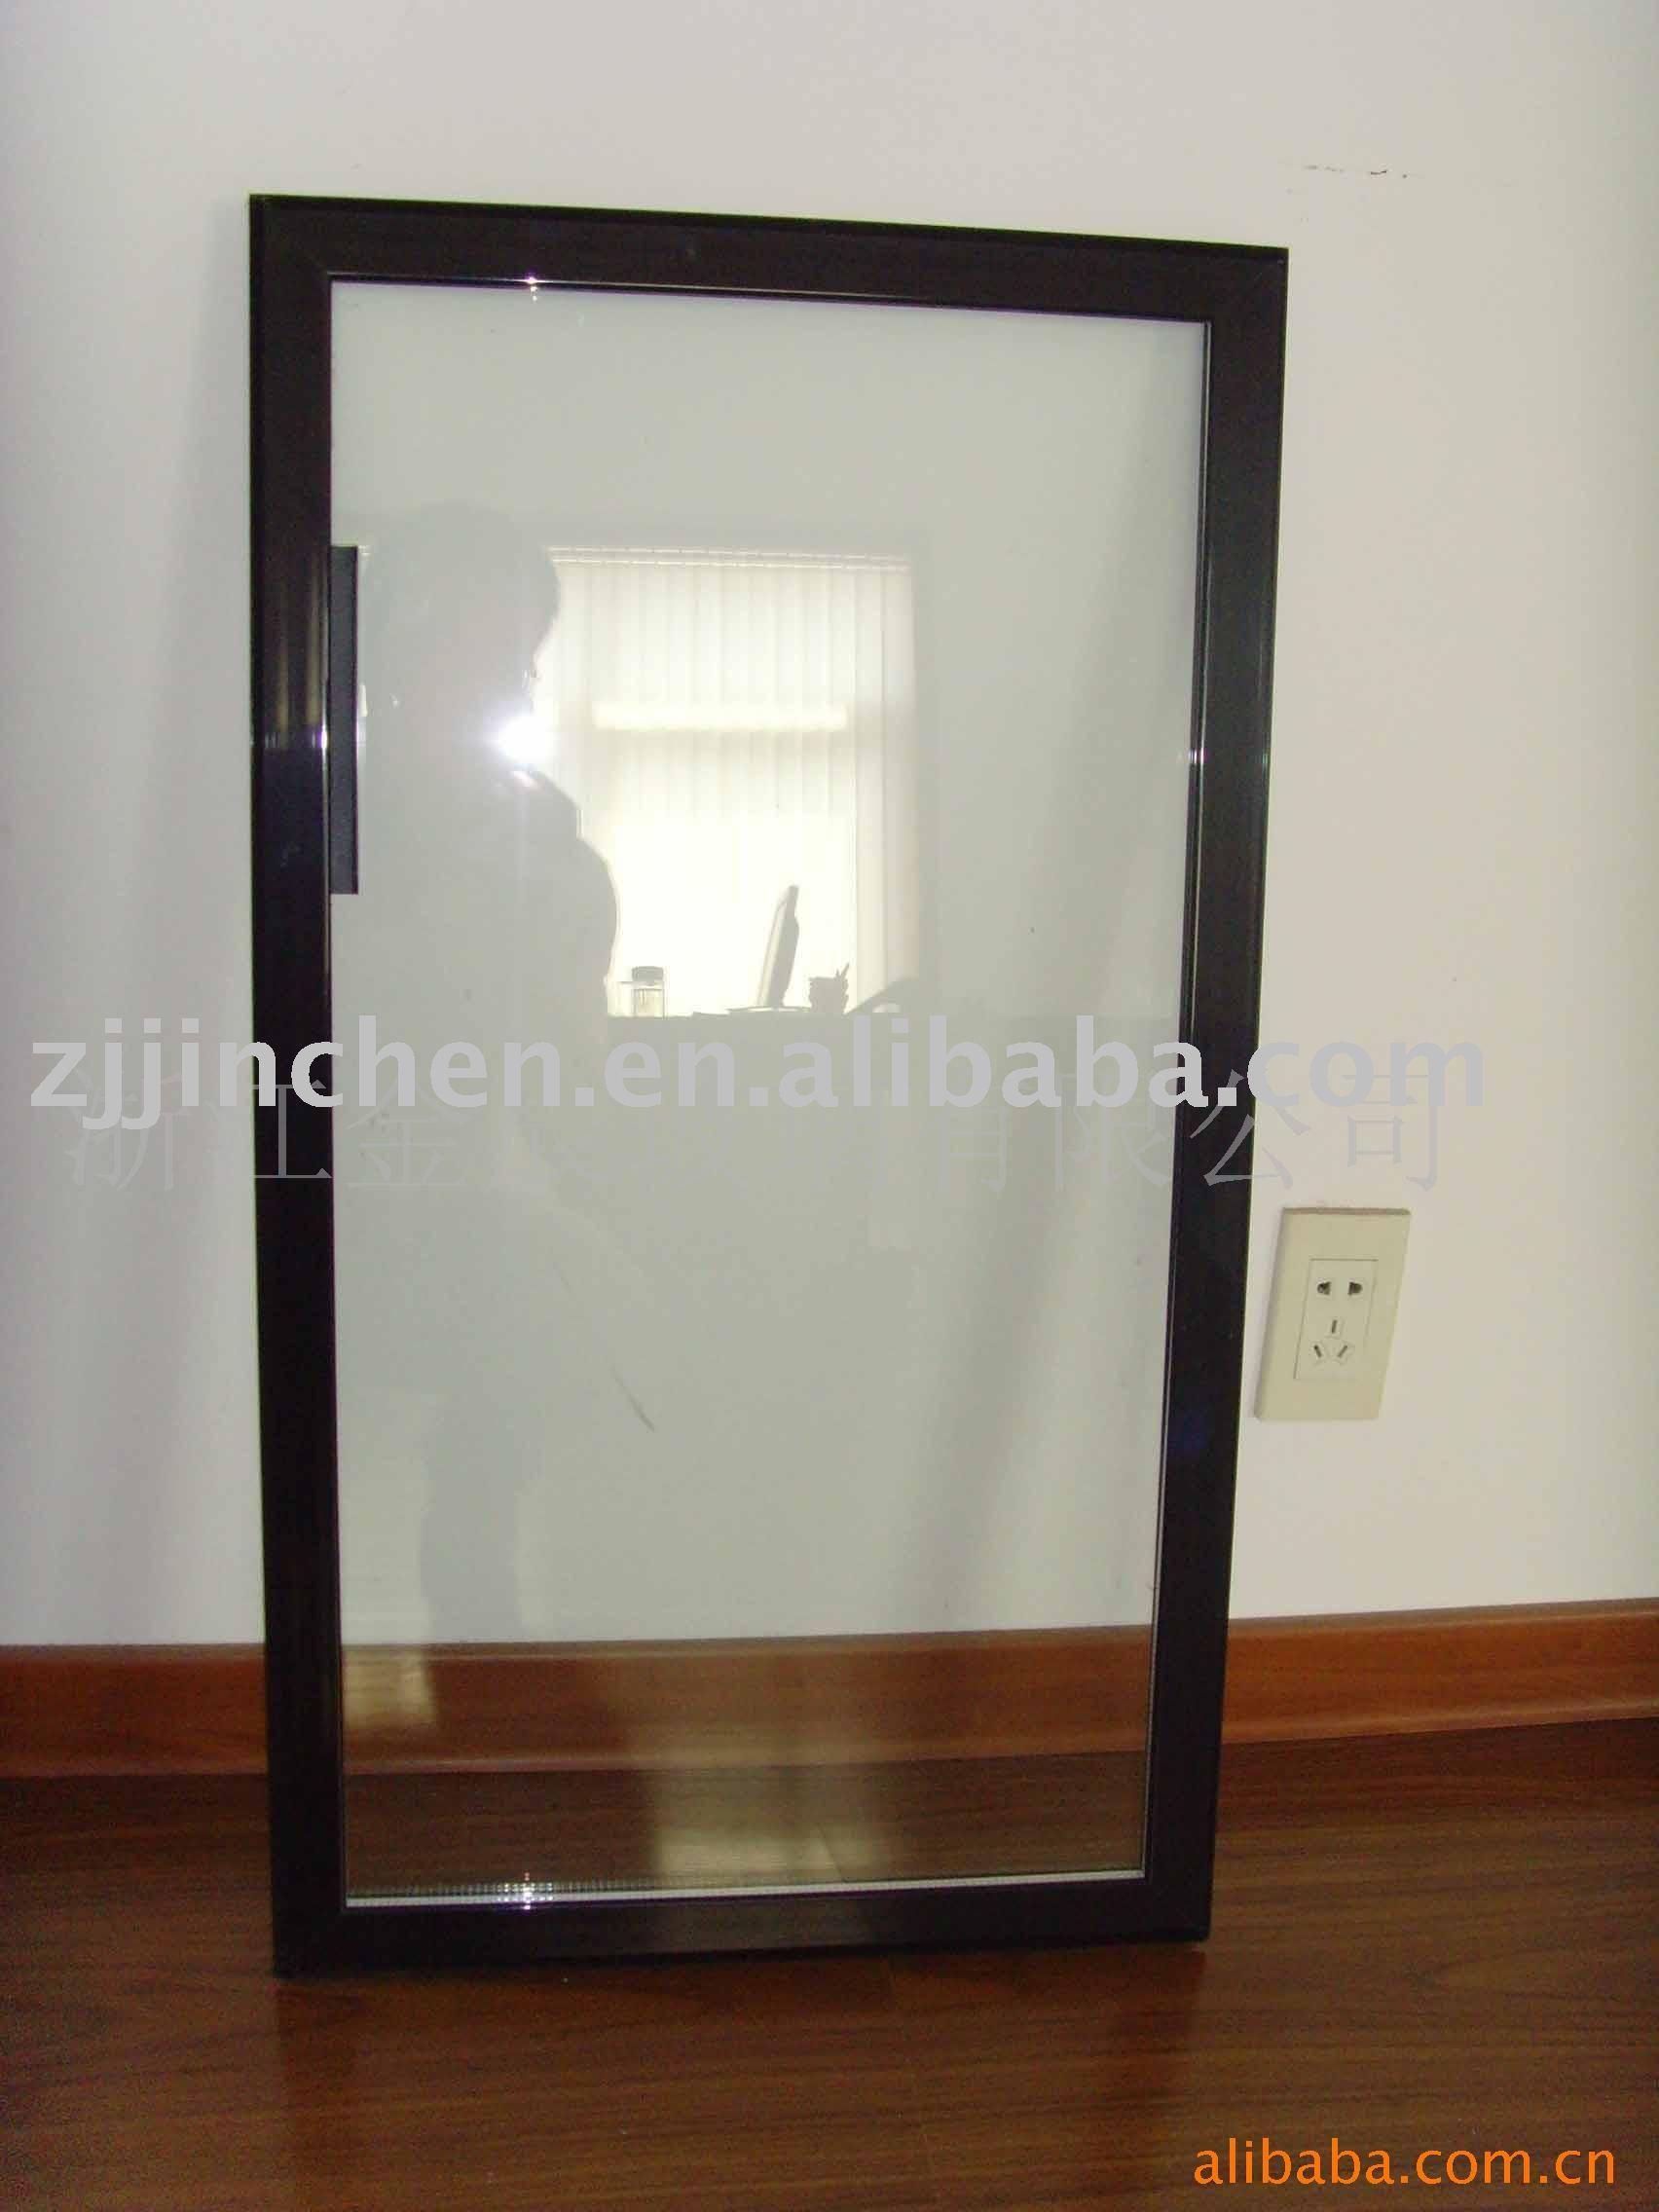 vidrio de aluminio puerta de lado a lado de nevera